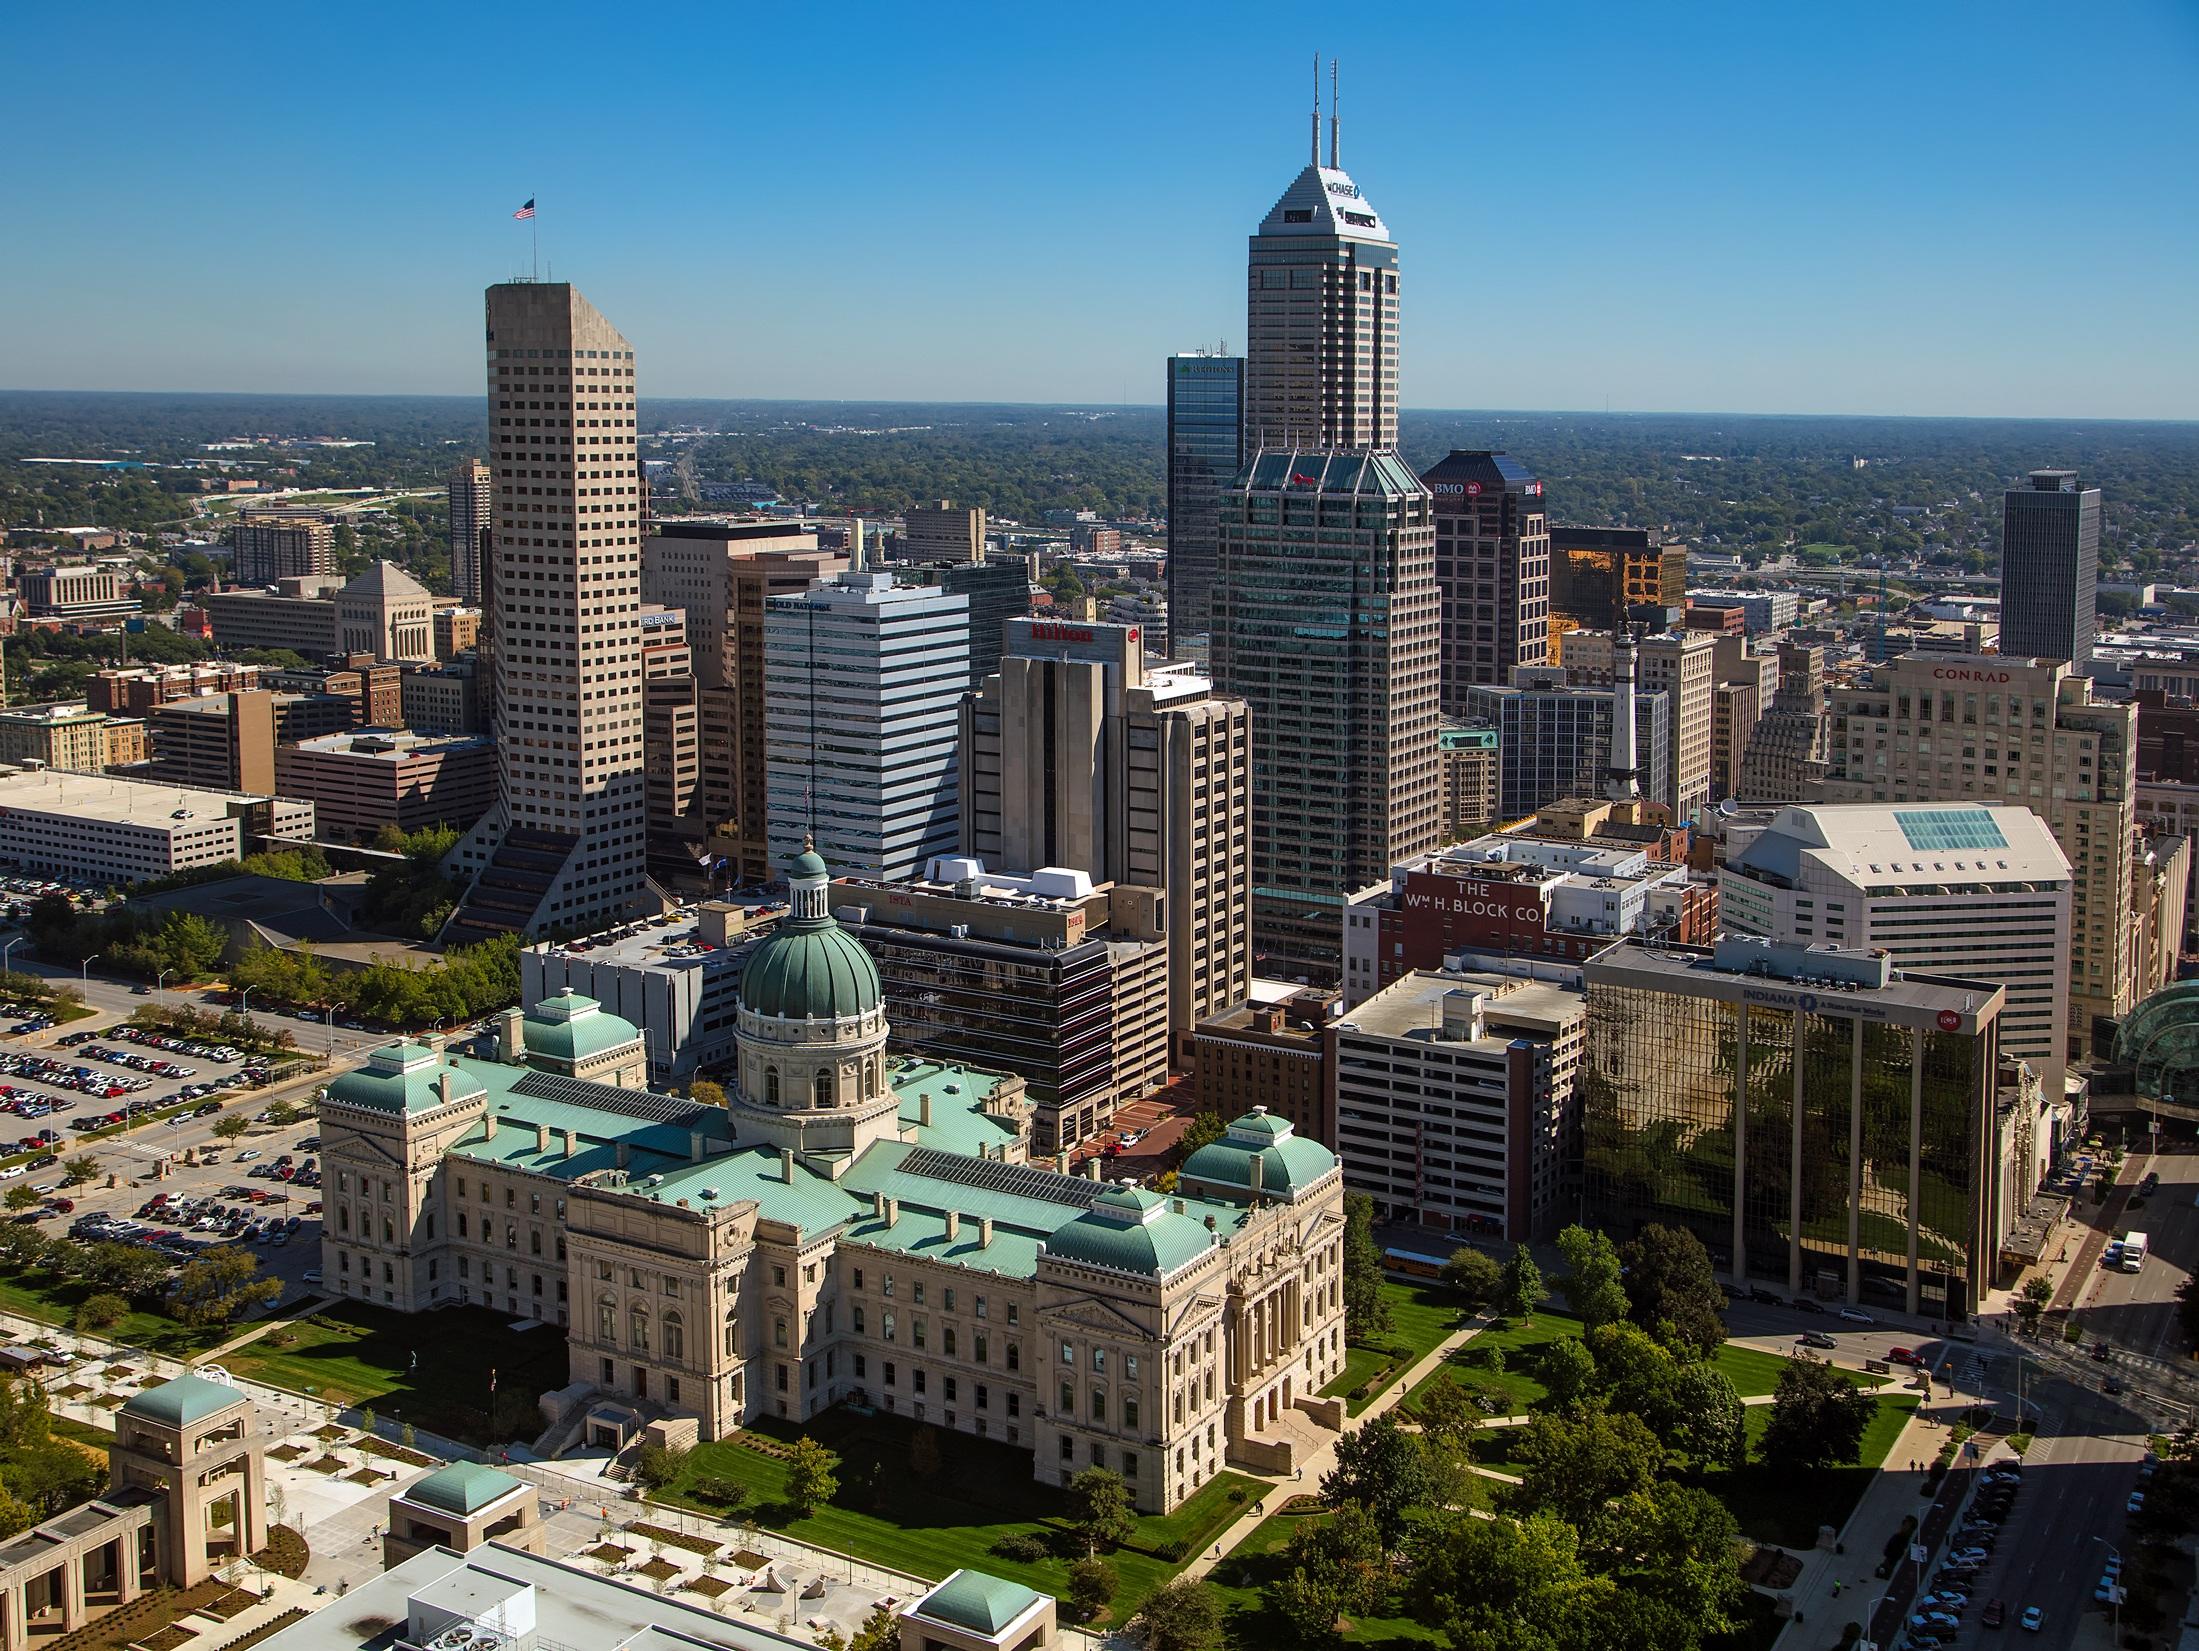 Indiana's Standardized Lead Sampling in Schools Program